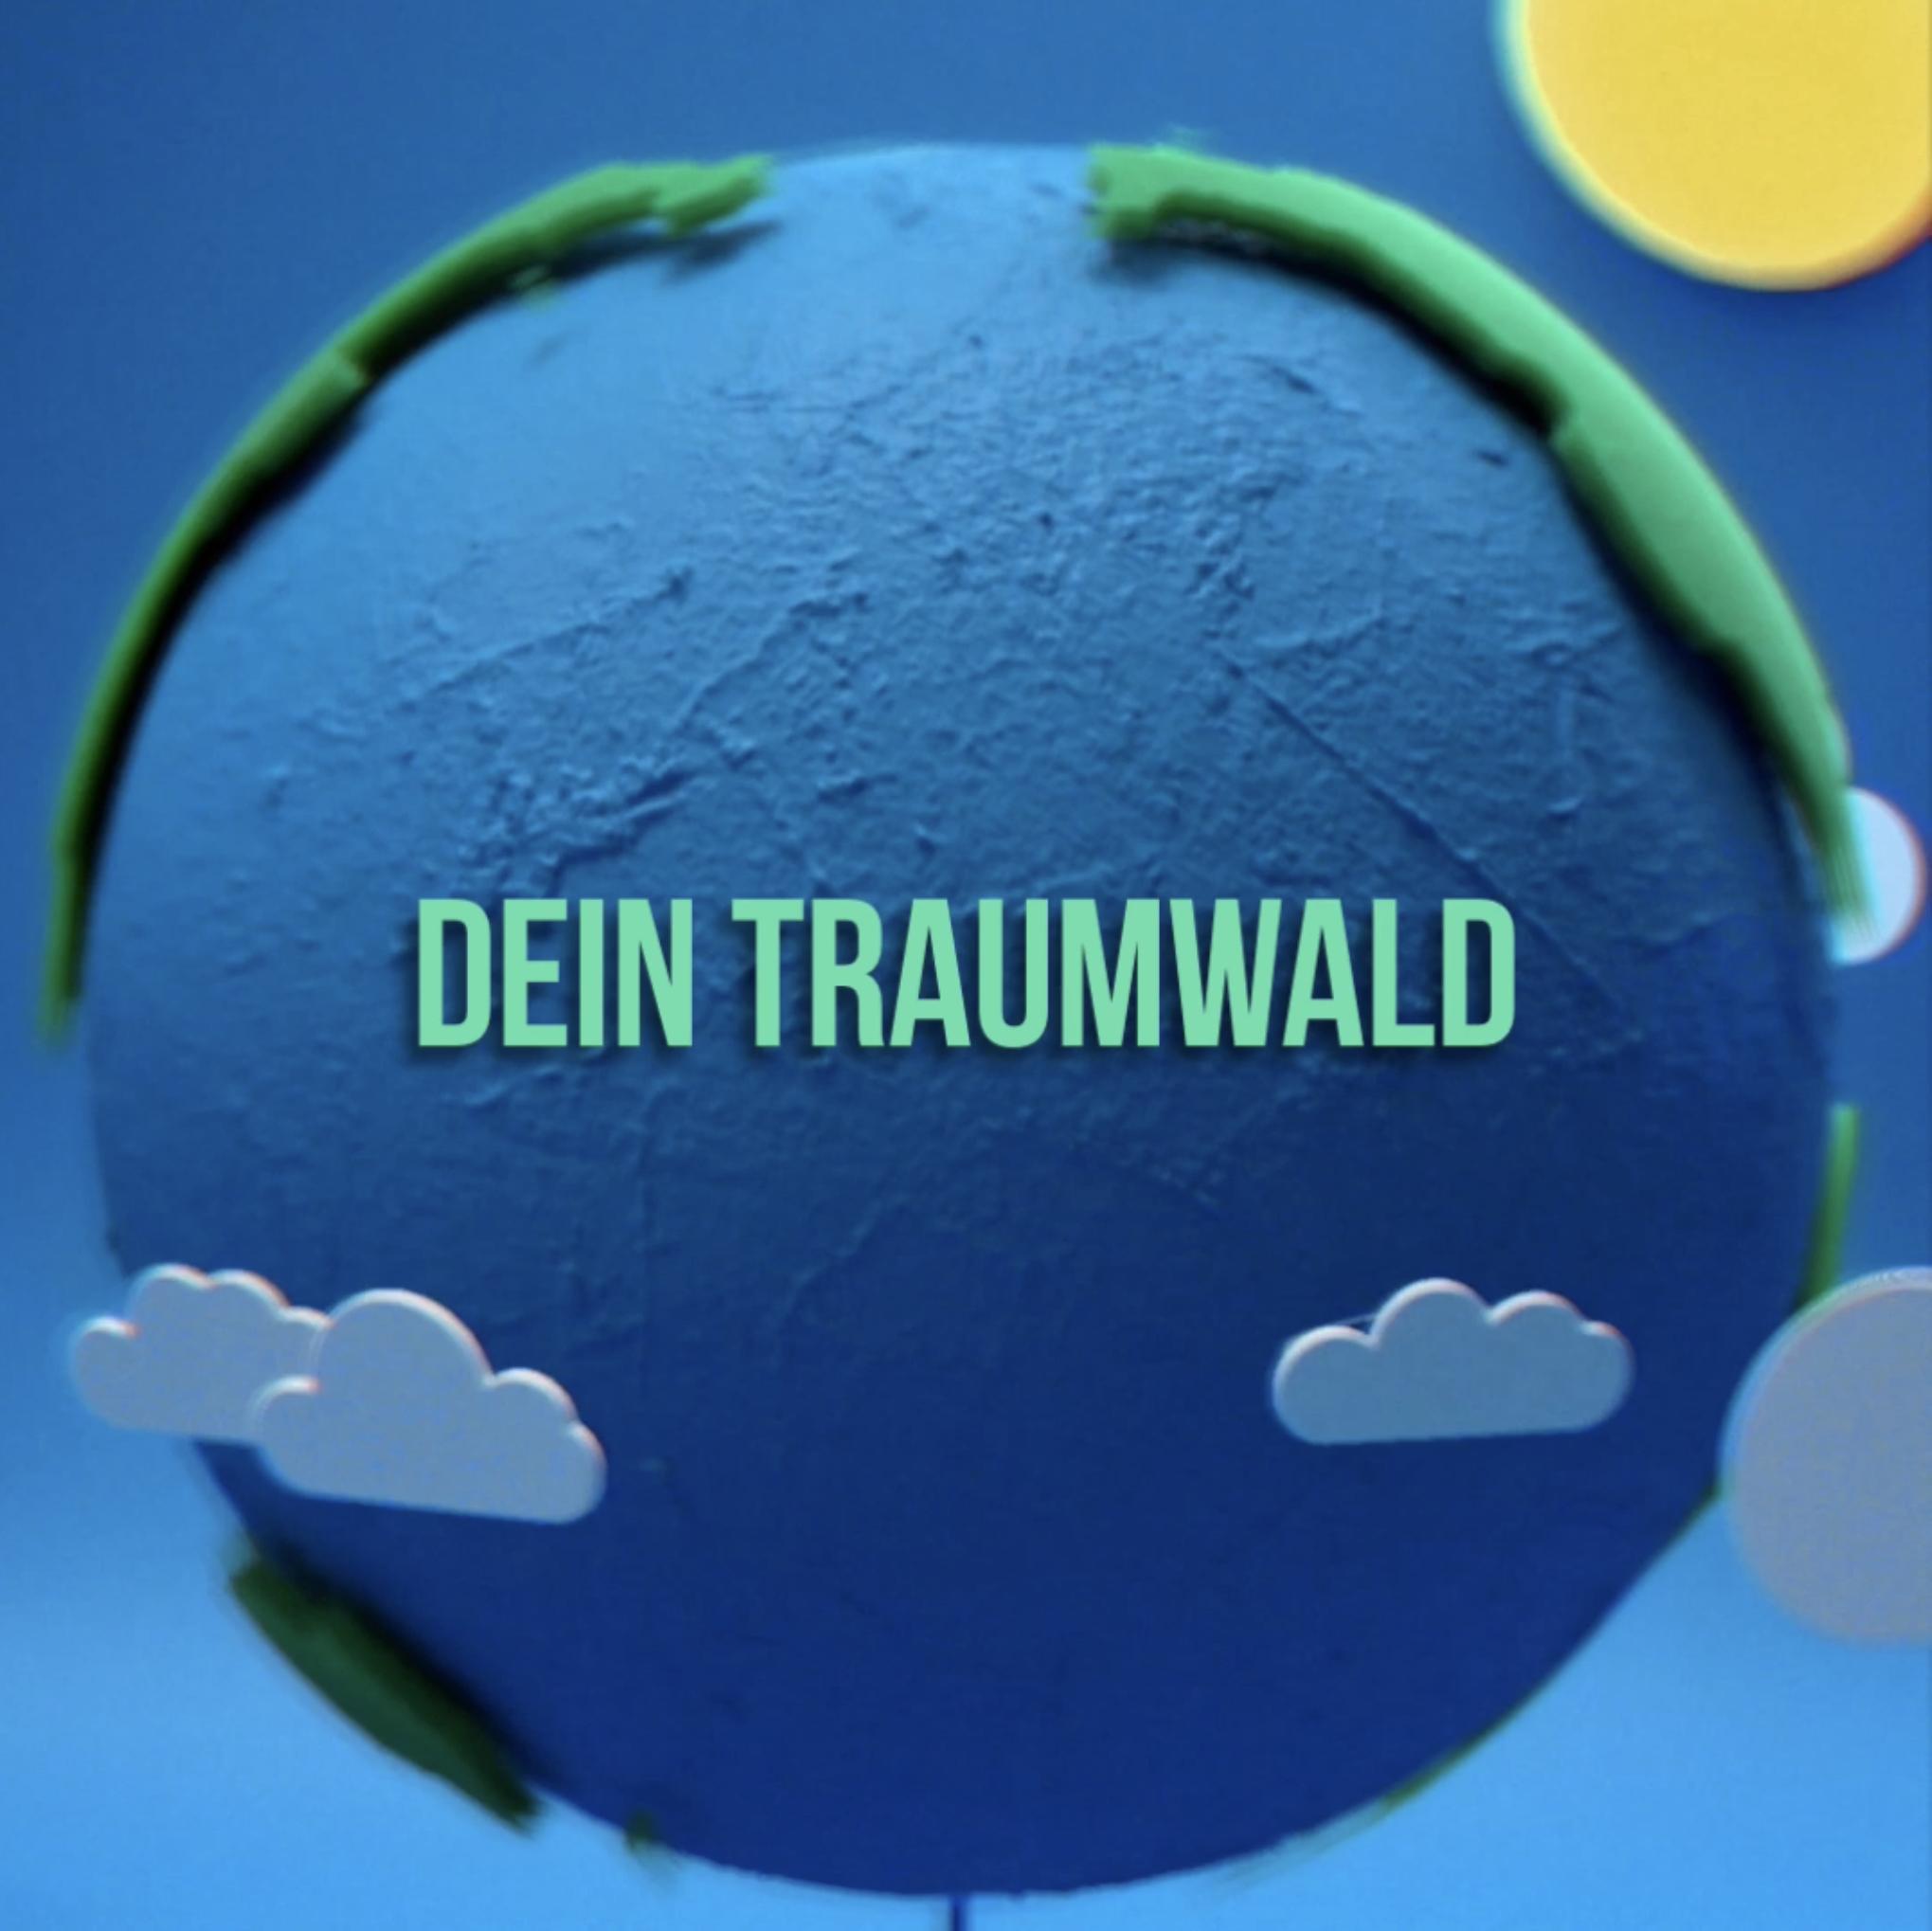 Projekt Schulwald – Entwerfe deinen eigenen Traumwald